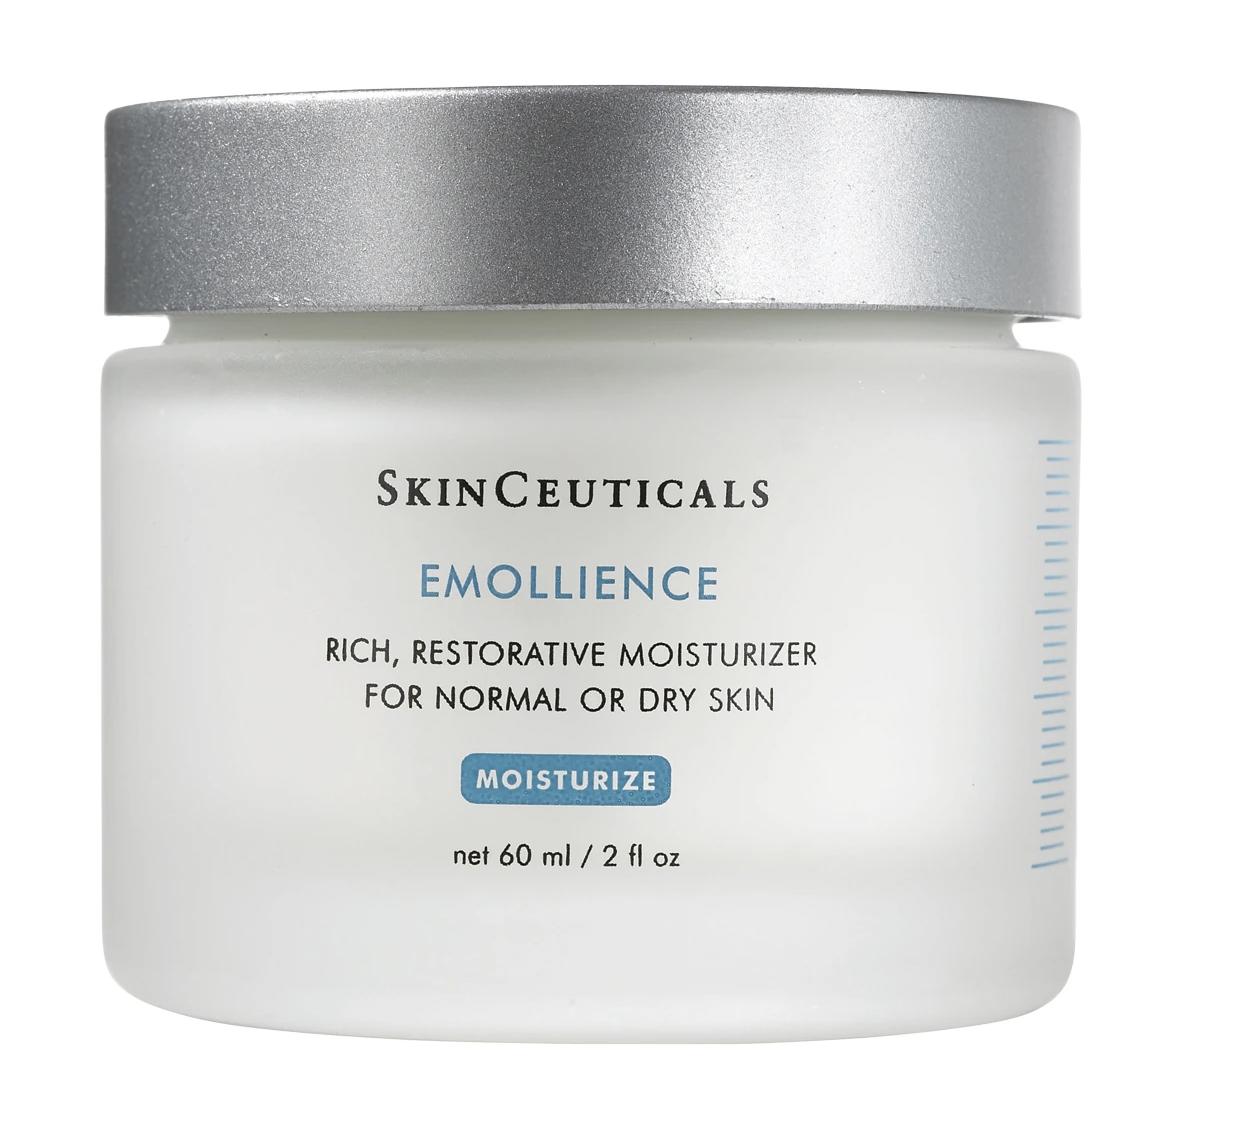 SkinCeuticals Emollience Moisturizer